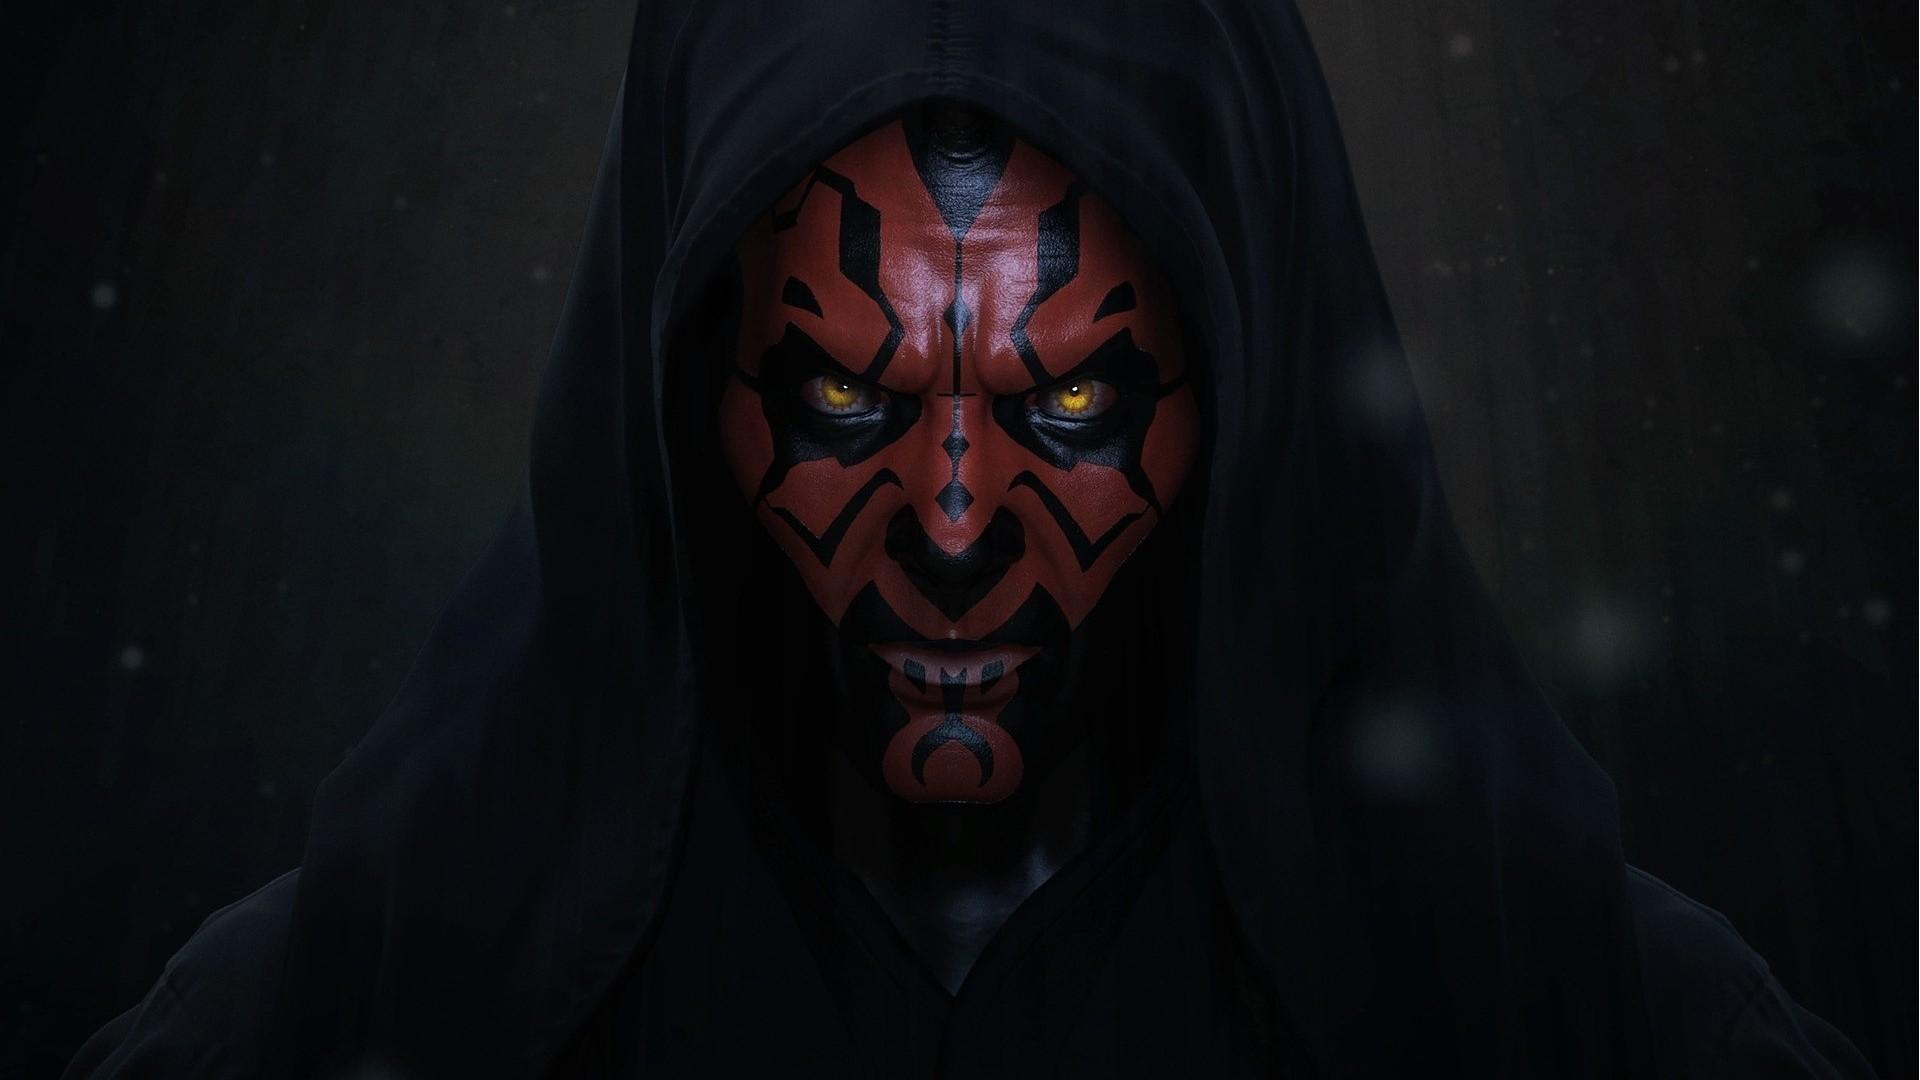 Star Wars, Starwars, The Sith Lord, Darth Maul, Darth Maul Art Sith